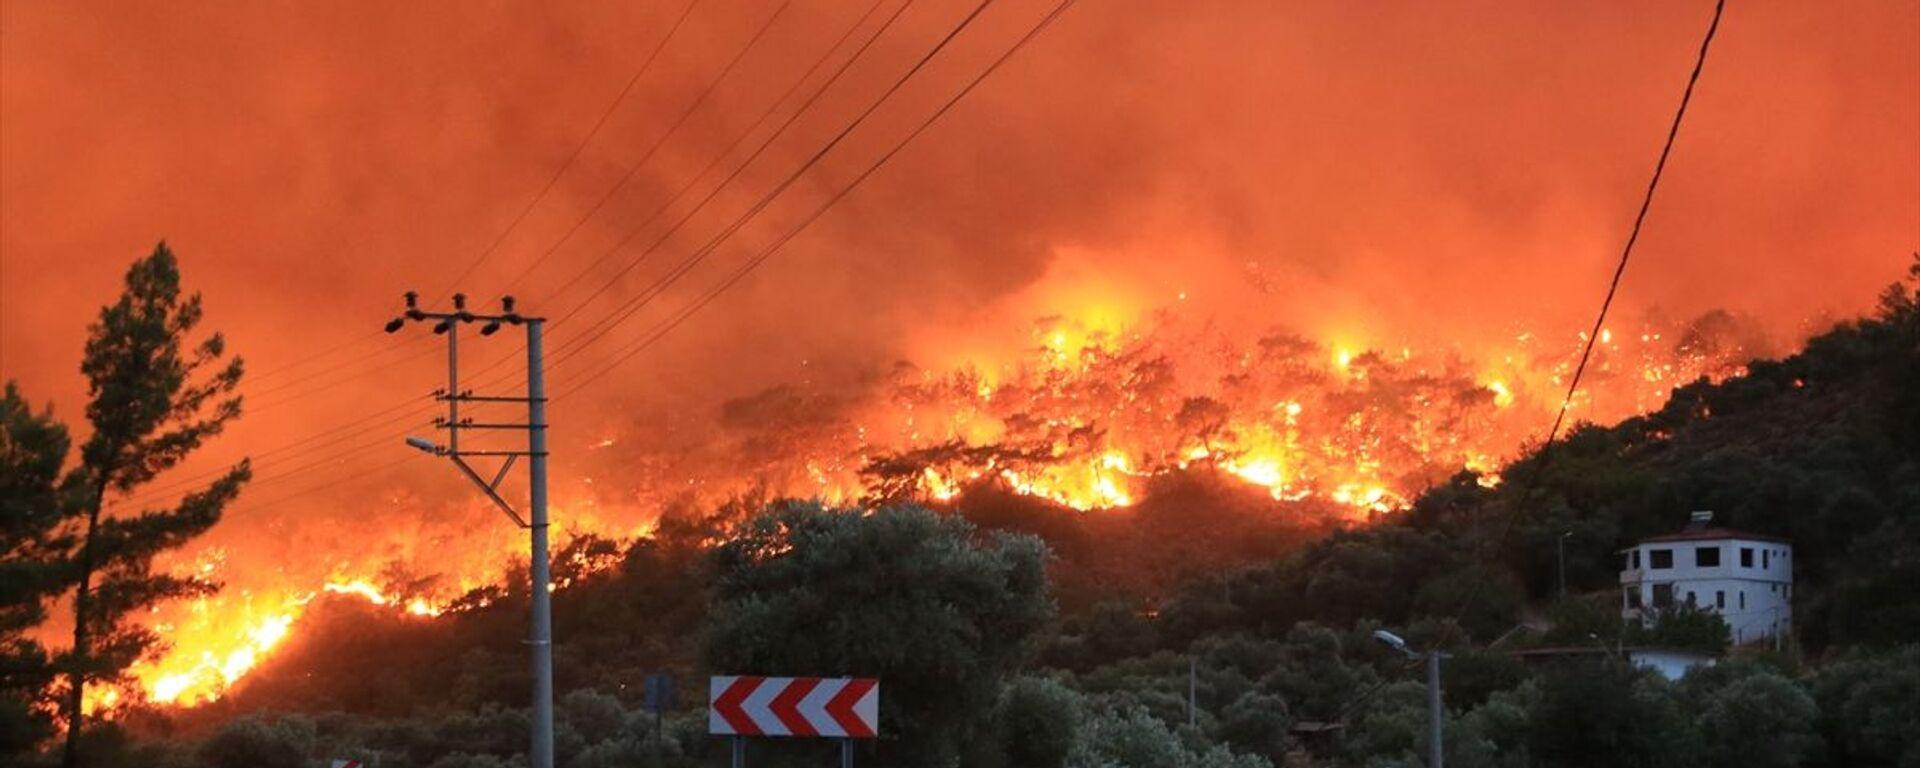 Muğla'nın Milas ilçesinde, ormanlık alanda çıkan ve yerleşim yerlerine sıçrayan yangın, kontrol altına alınmaya çalışılıyor. - Sputnik Türkiye, 1920, 01.08.2021